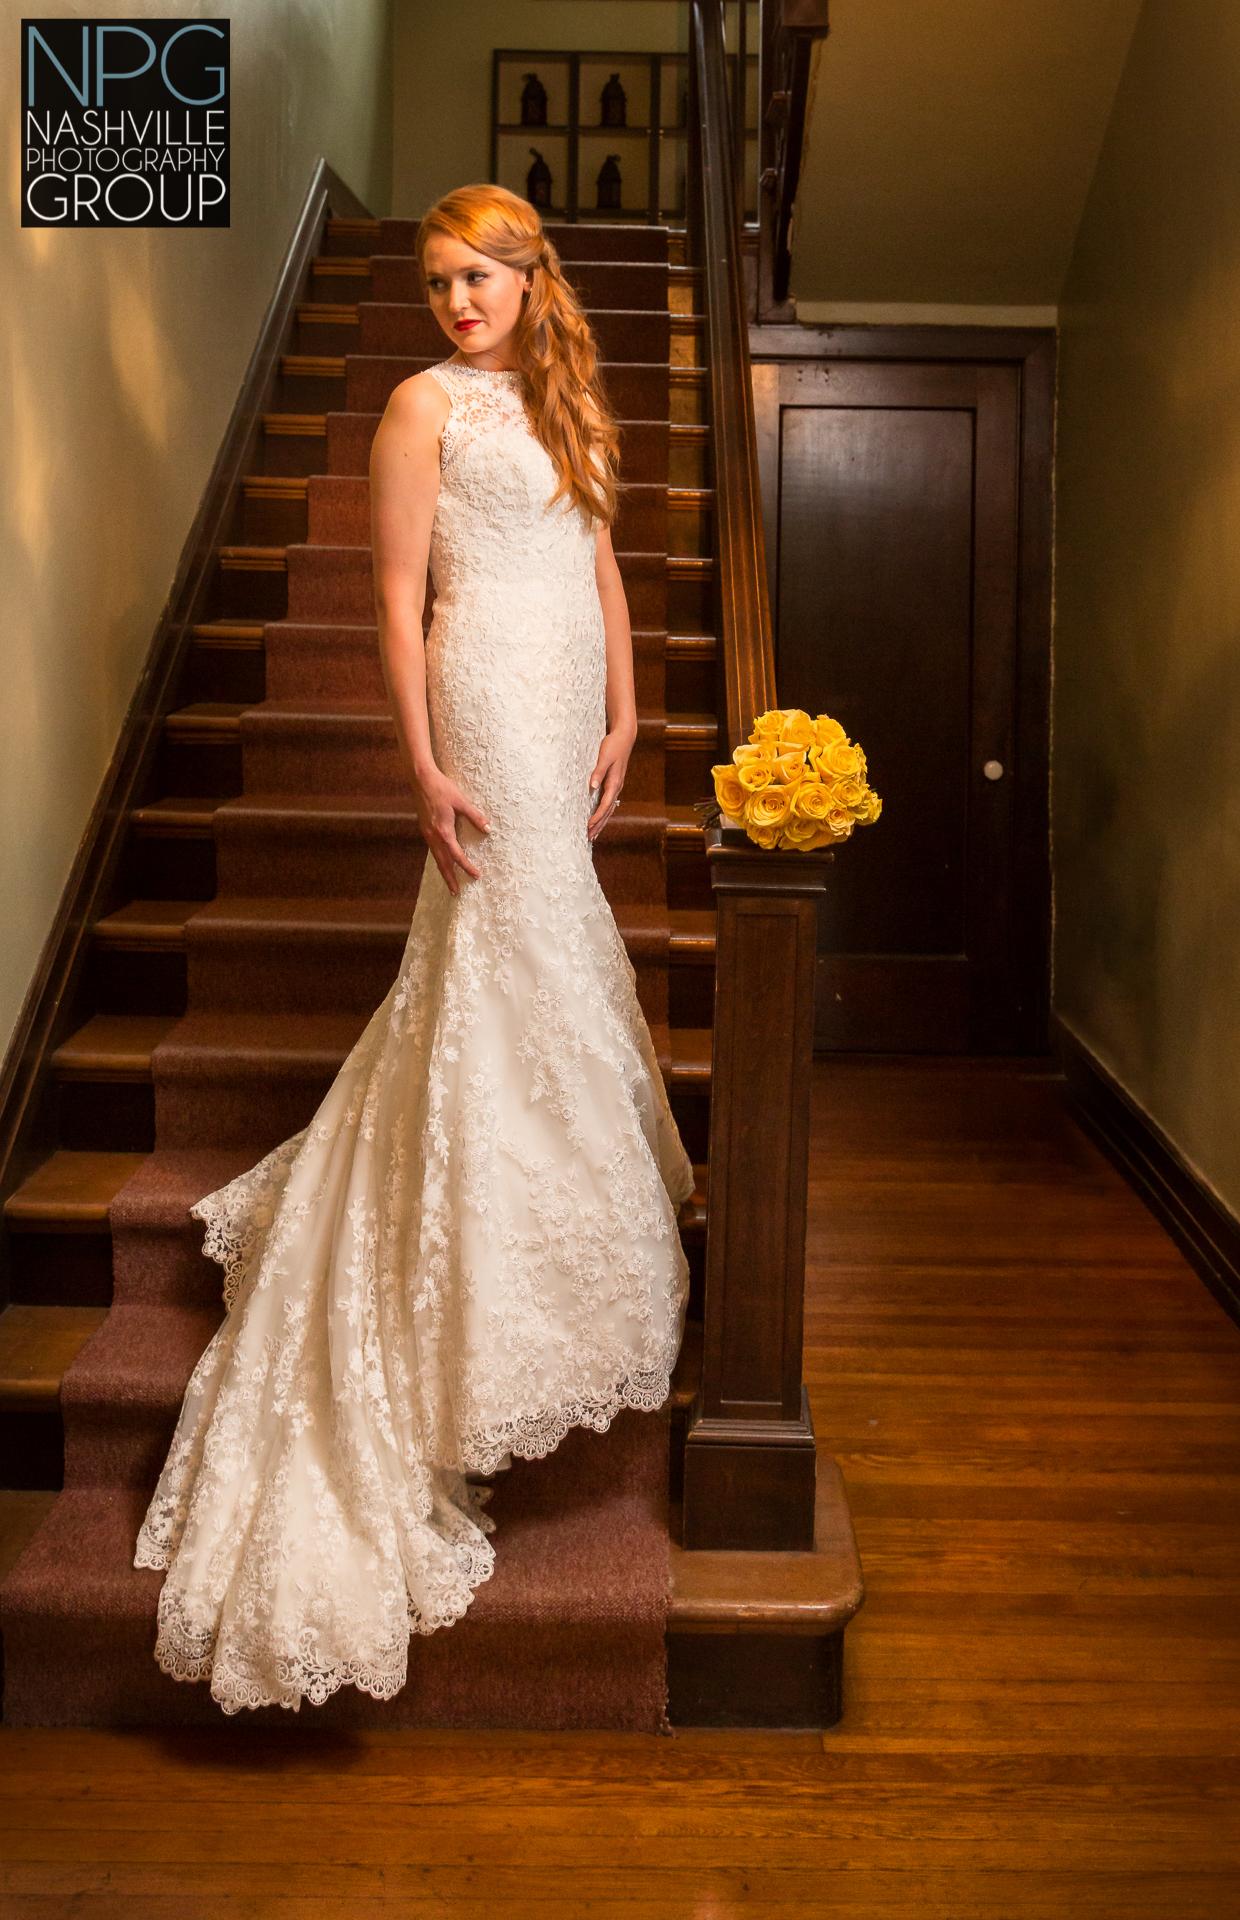 Nashville Photography Group wedding photographers3-4.jpg